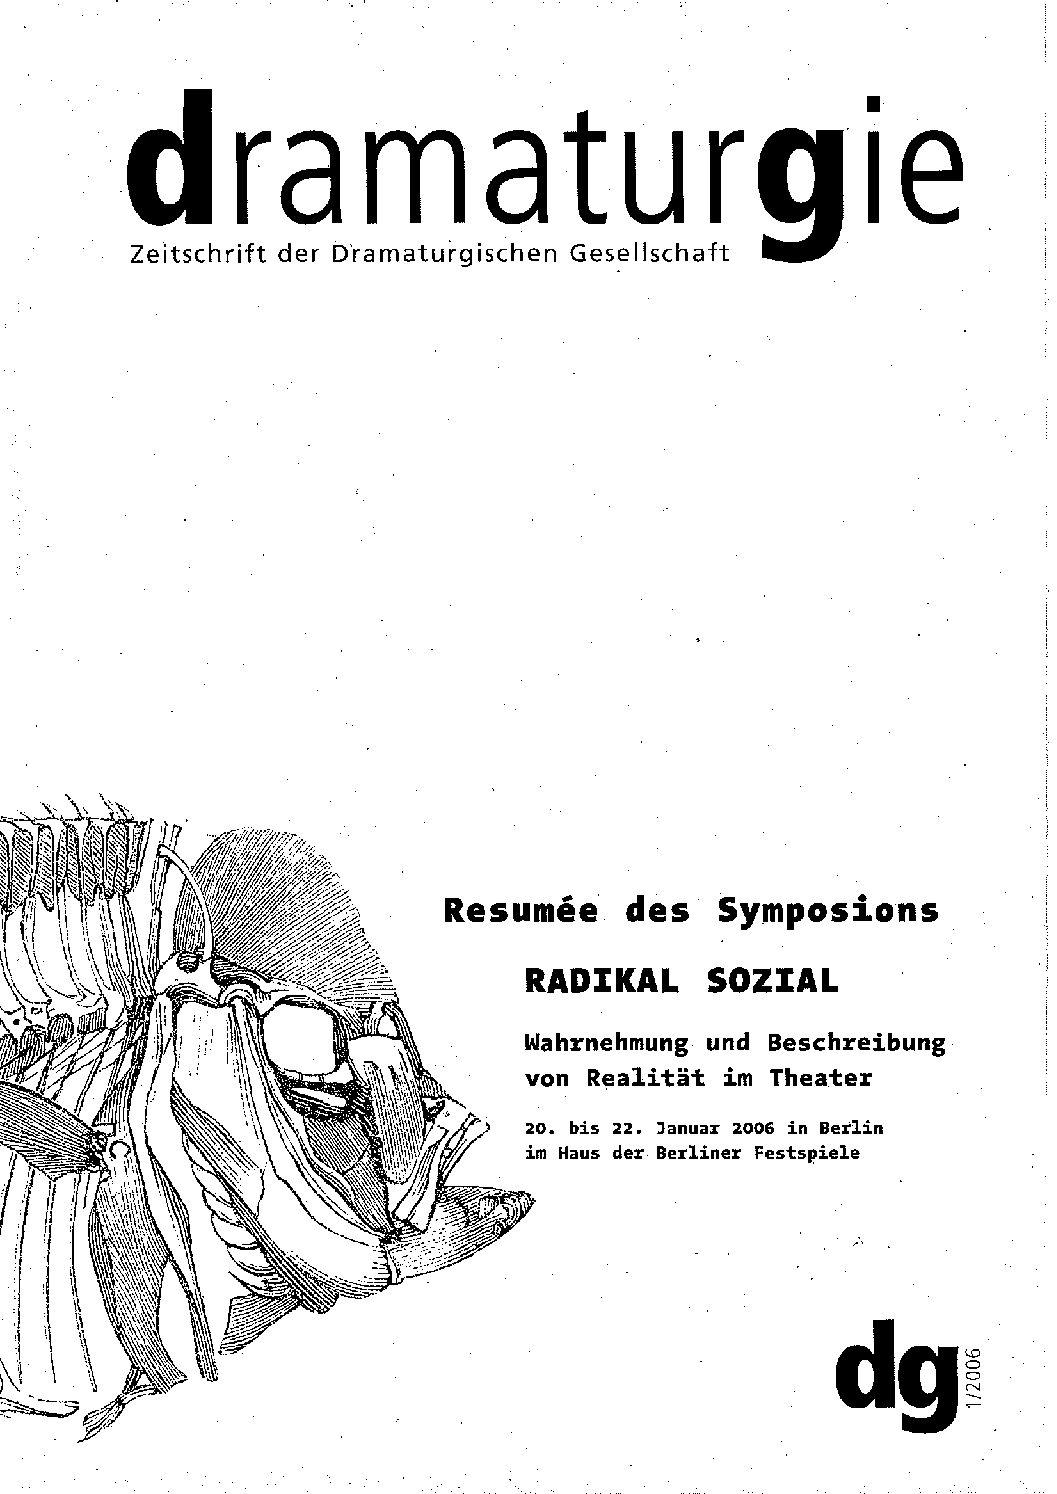 Thumbnail zum PDF: Dramaturgie 2006/1<br /> Radikal sozial. Wahrnehmung und Beschreibung von Realität im Theater<br />